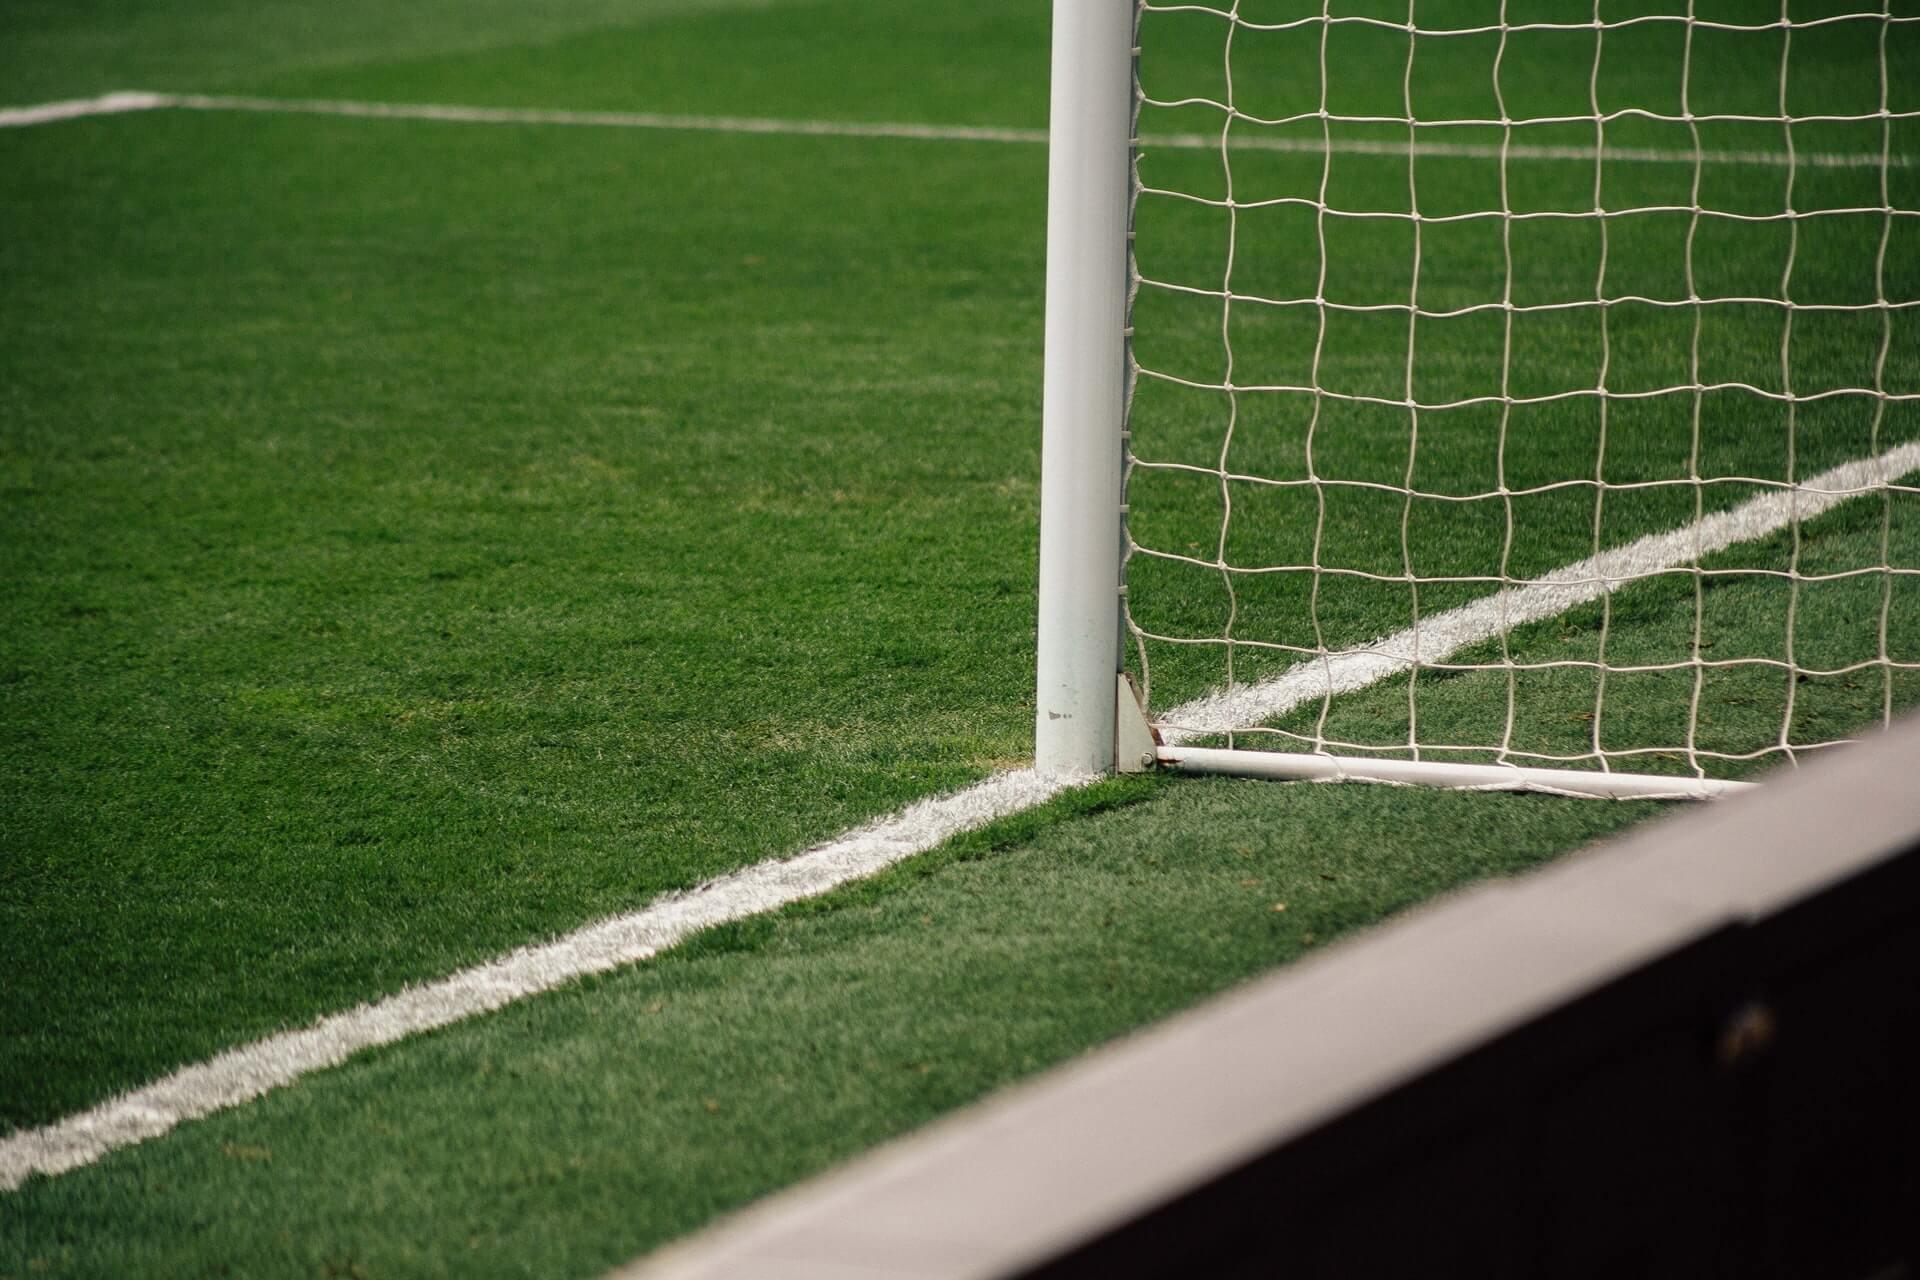 Fotball turer til Fulham kampe